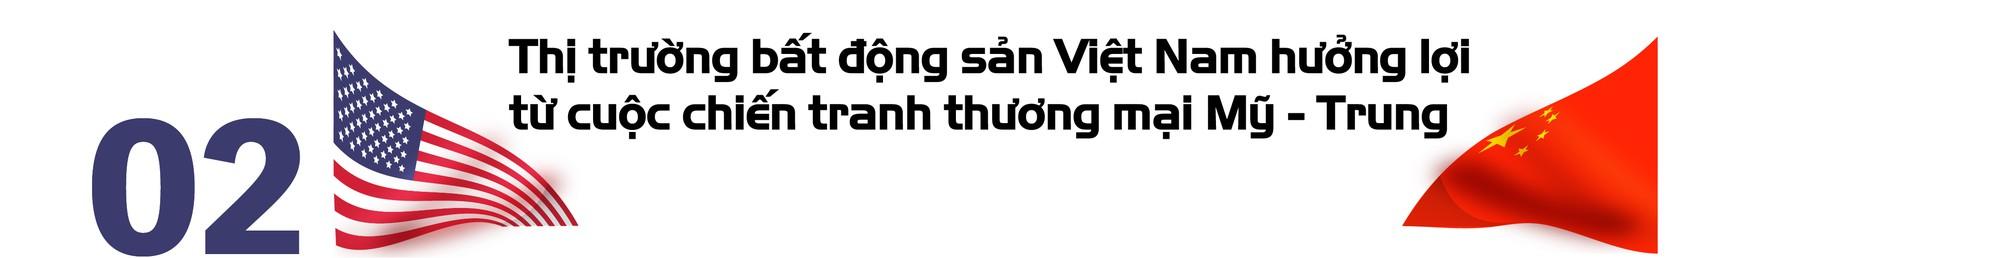 Chiến tranh thương mại Mỹ - Trung, bất động sản Việt Nam hưởng lợi - Ảnh 4.